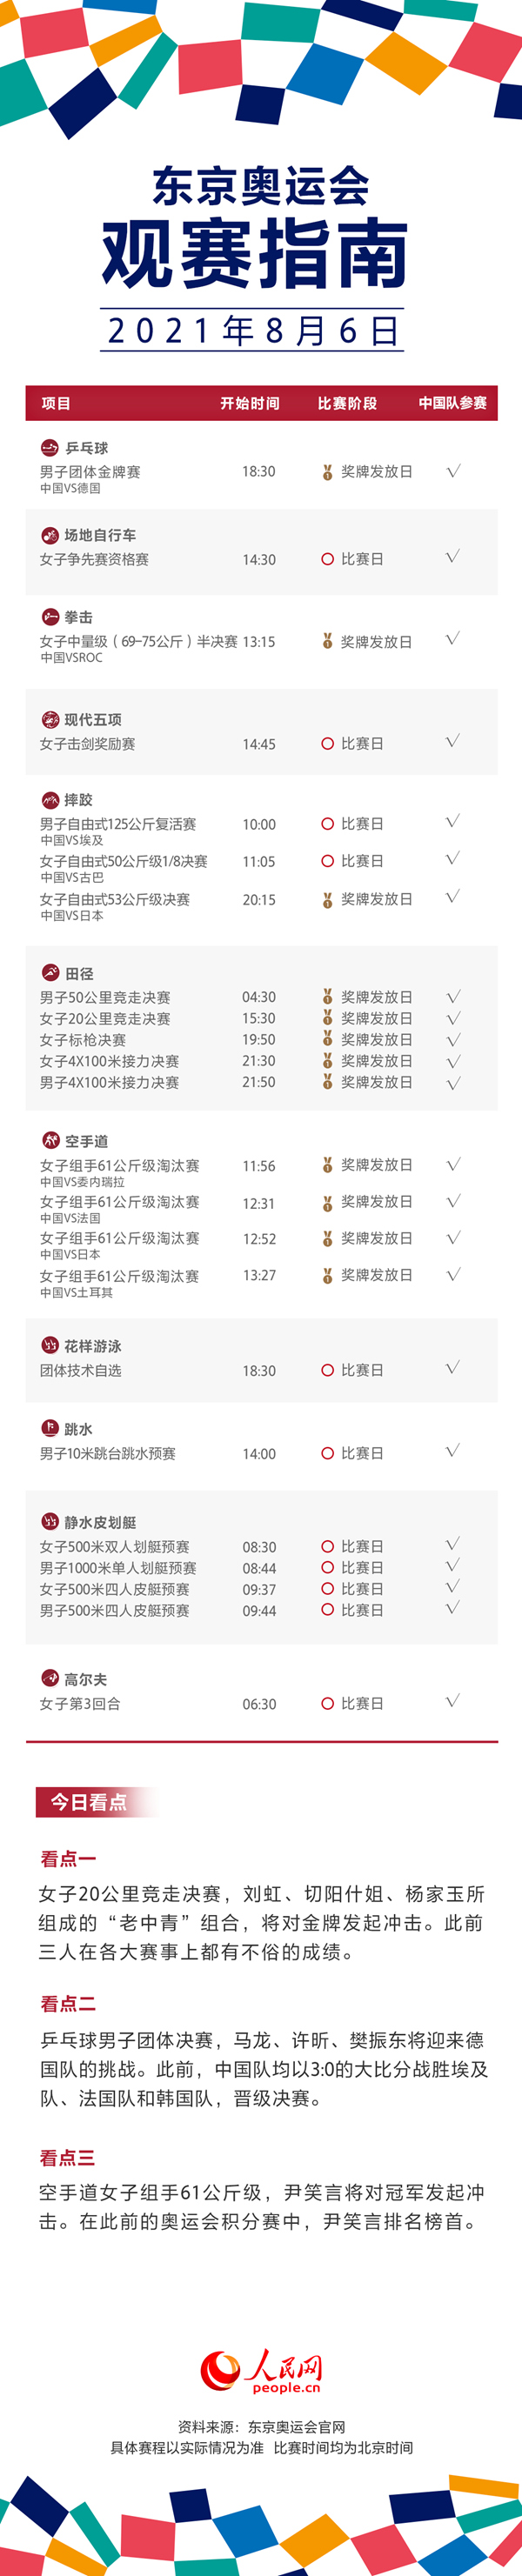 """东京奥运会今日看点:""""老中青""""组合出战女子20公里竞走决赛"""